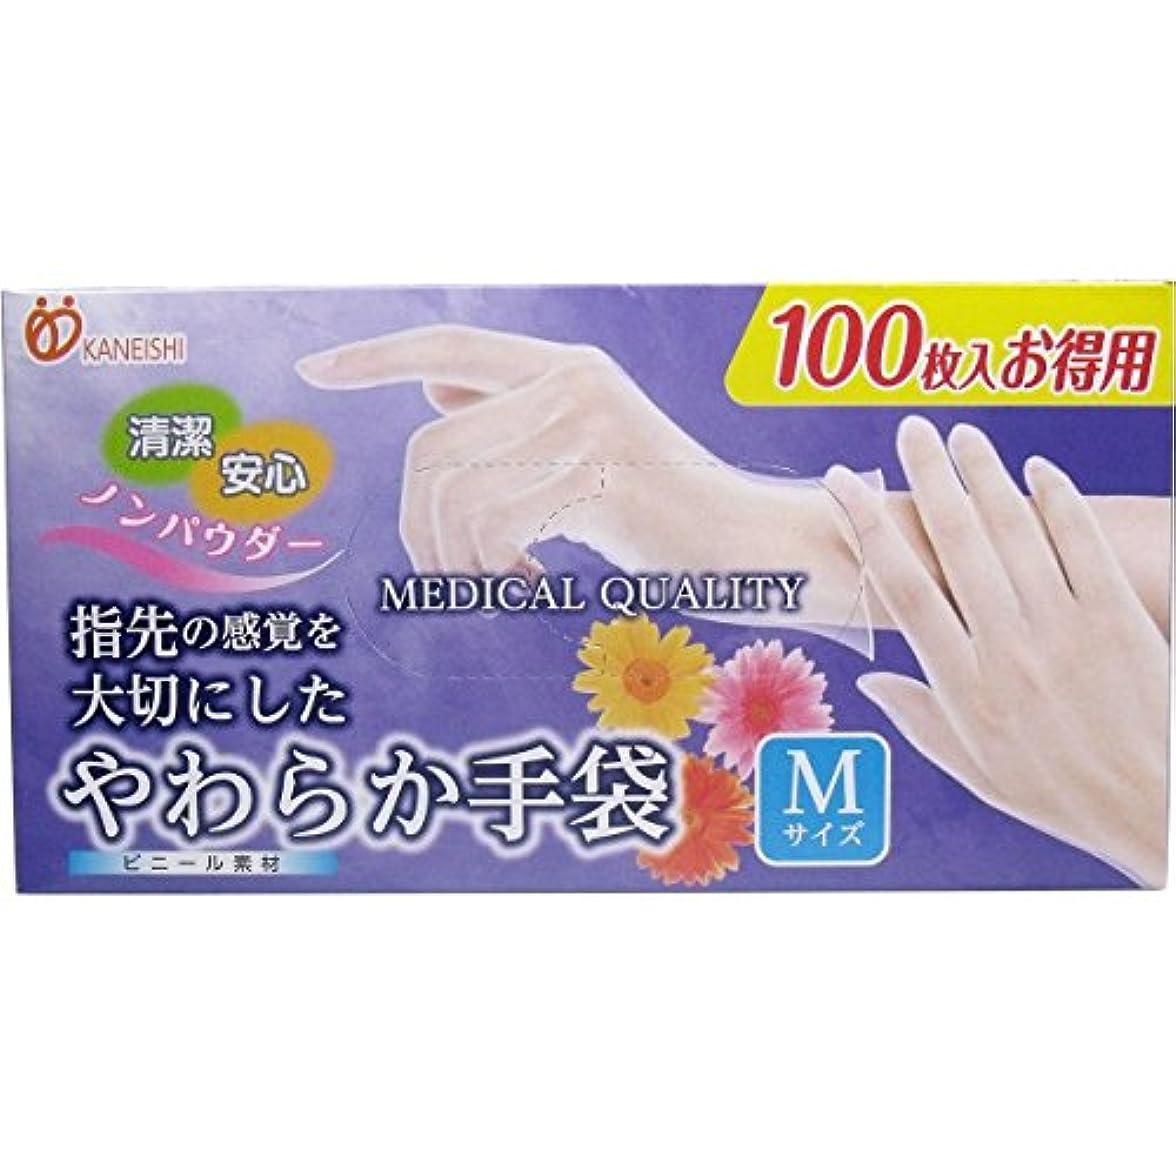 ホールドオールスキップラベンダーやわらか手袋 ビニール素材 Mサイズ 100枚入x8